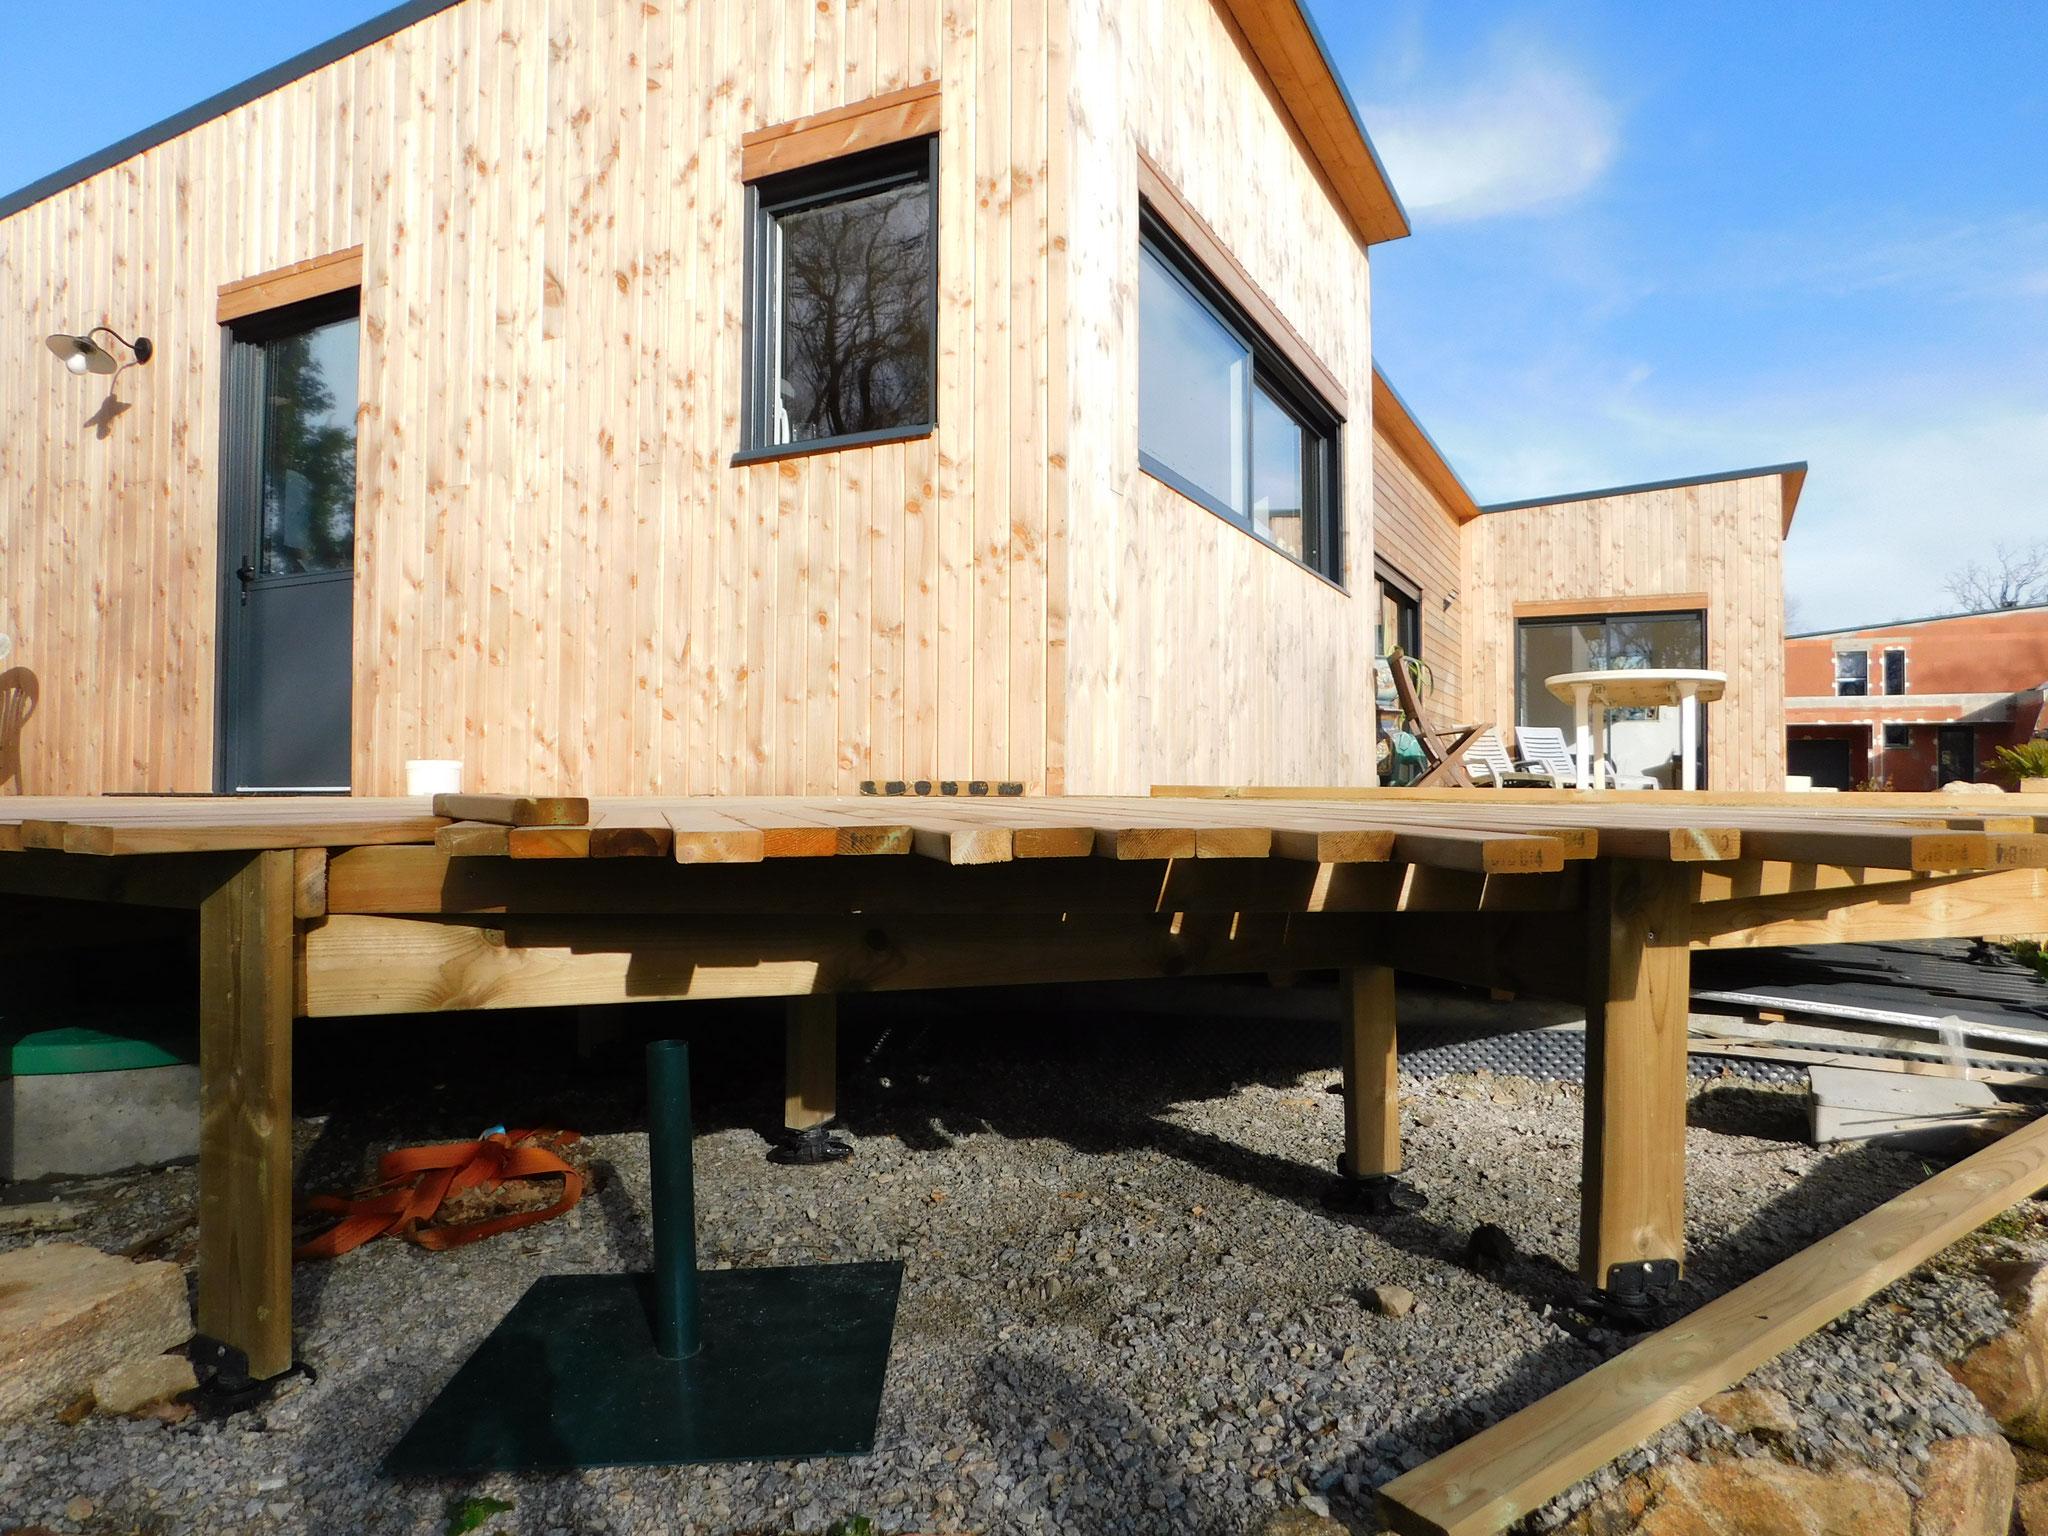 Maison en cours de construction : expertise malfaçons (bardage, terrasse, menuiseries, etc.)